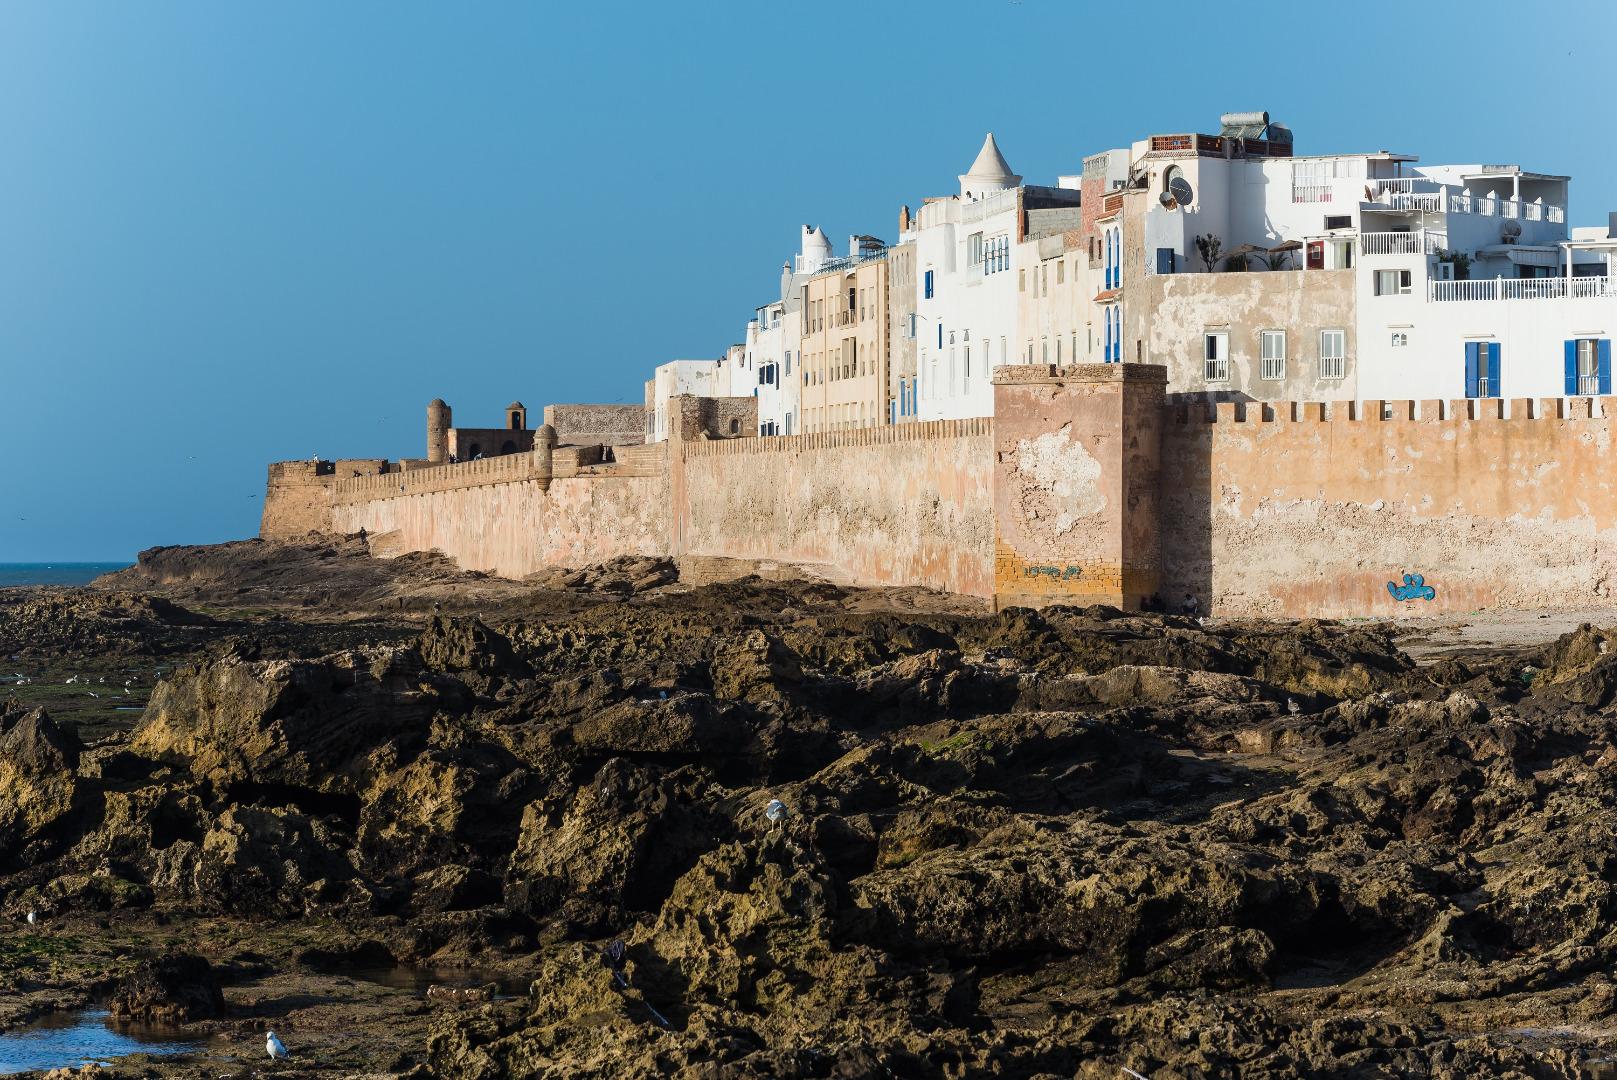 Τα τείχη που περιβάλλουν την Εσαουίρα, έναν απ' τους ομορφότερους προορισμούς ενός ταξιδιού στο Μαρόκο